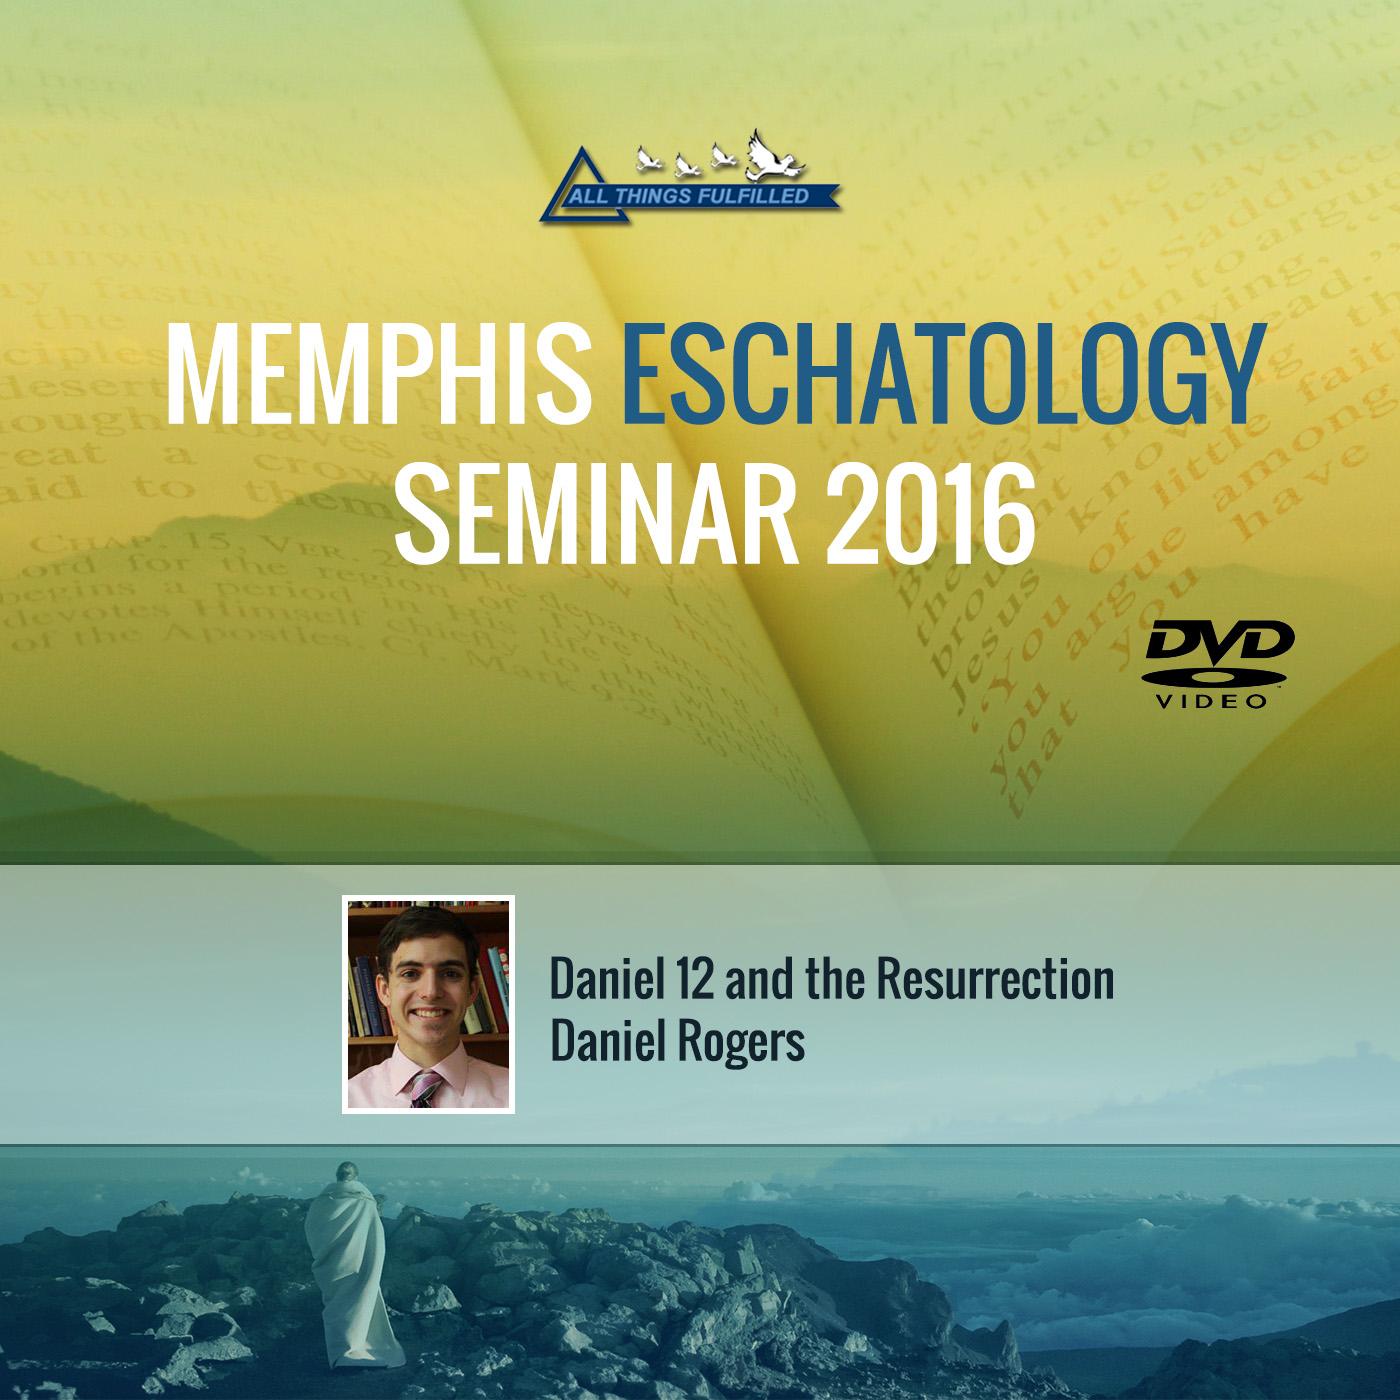 Memphis Eschatology Seminar 2016